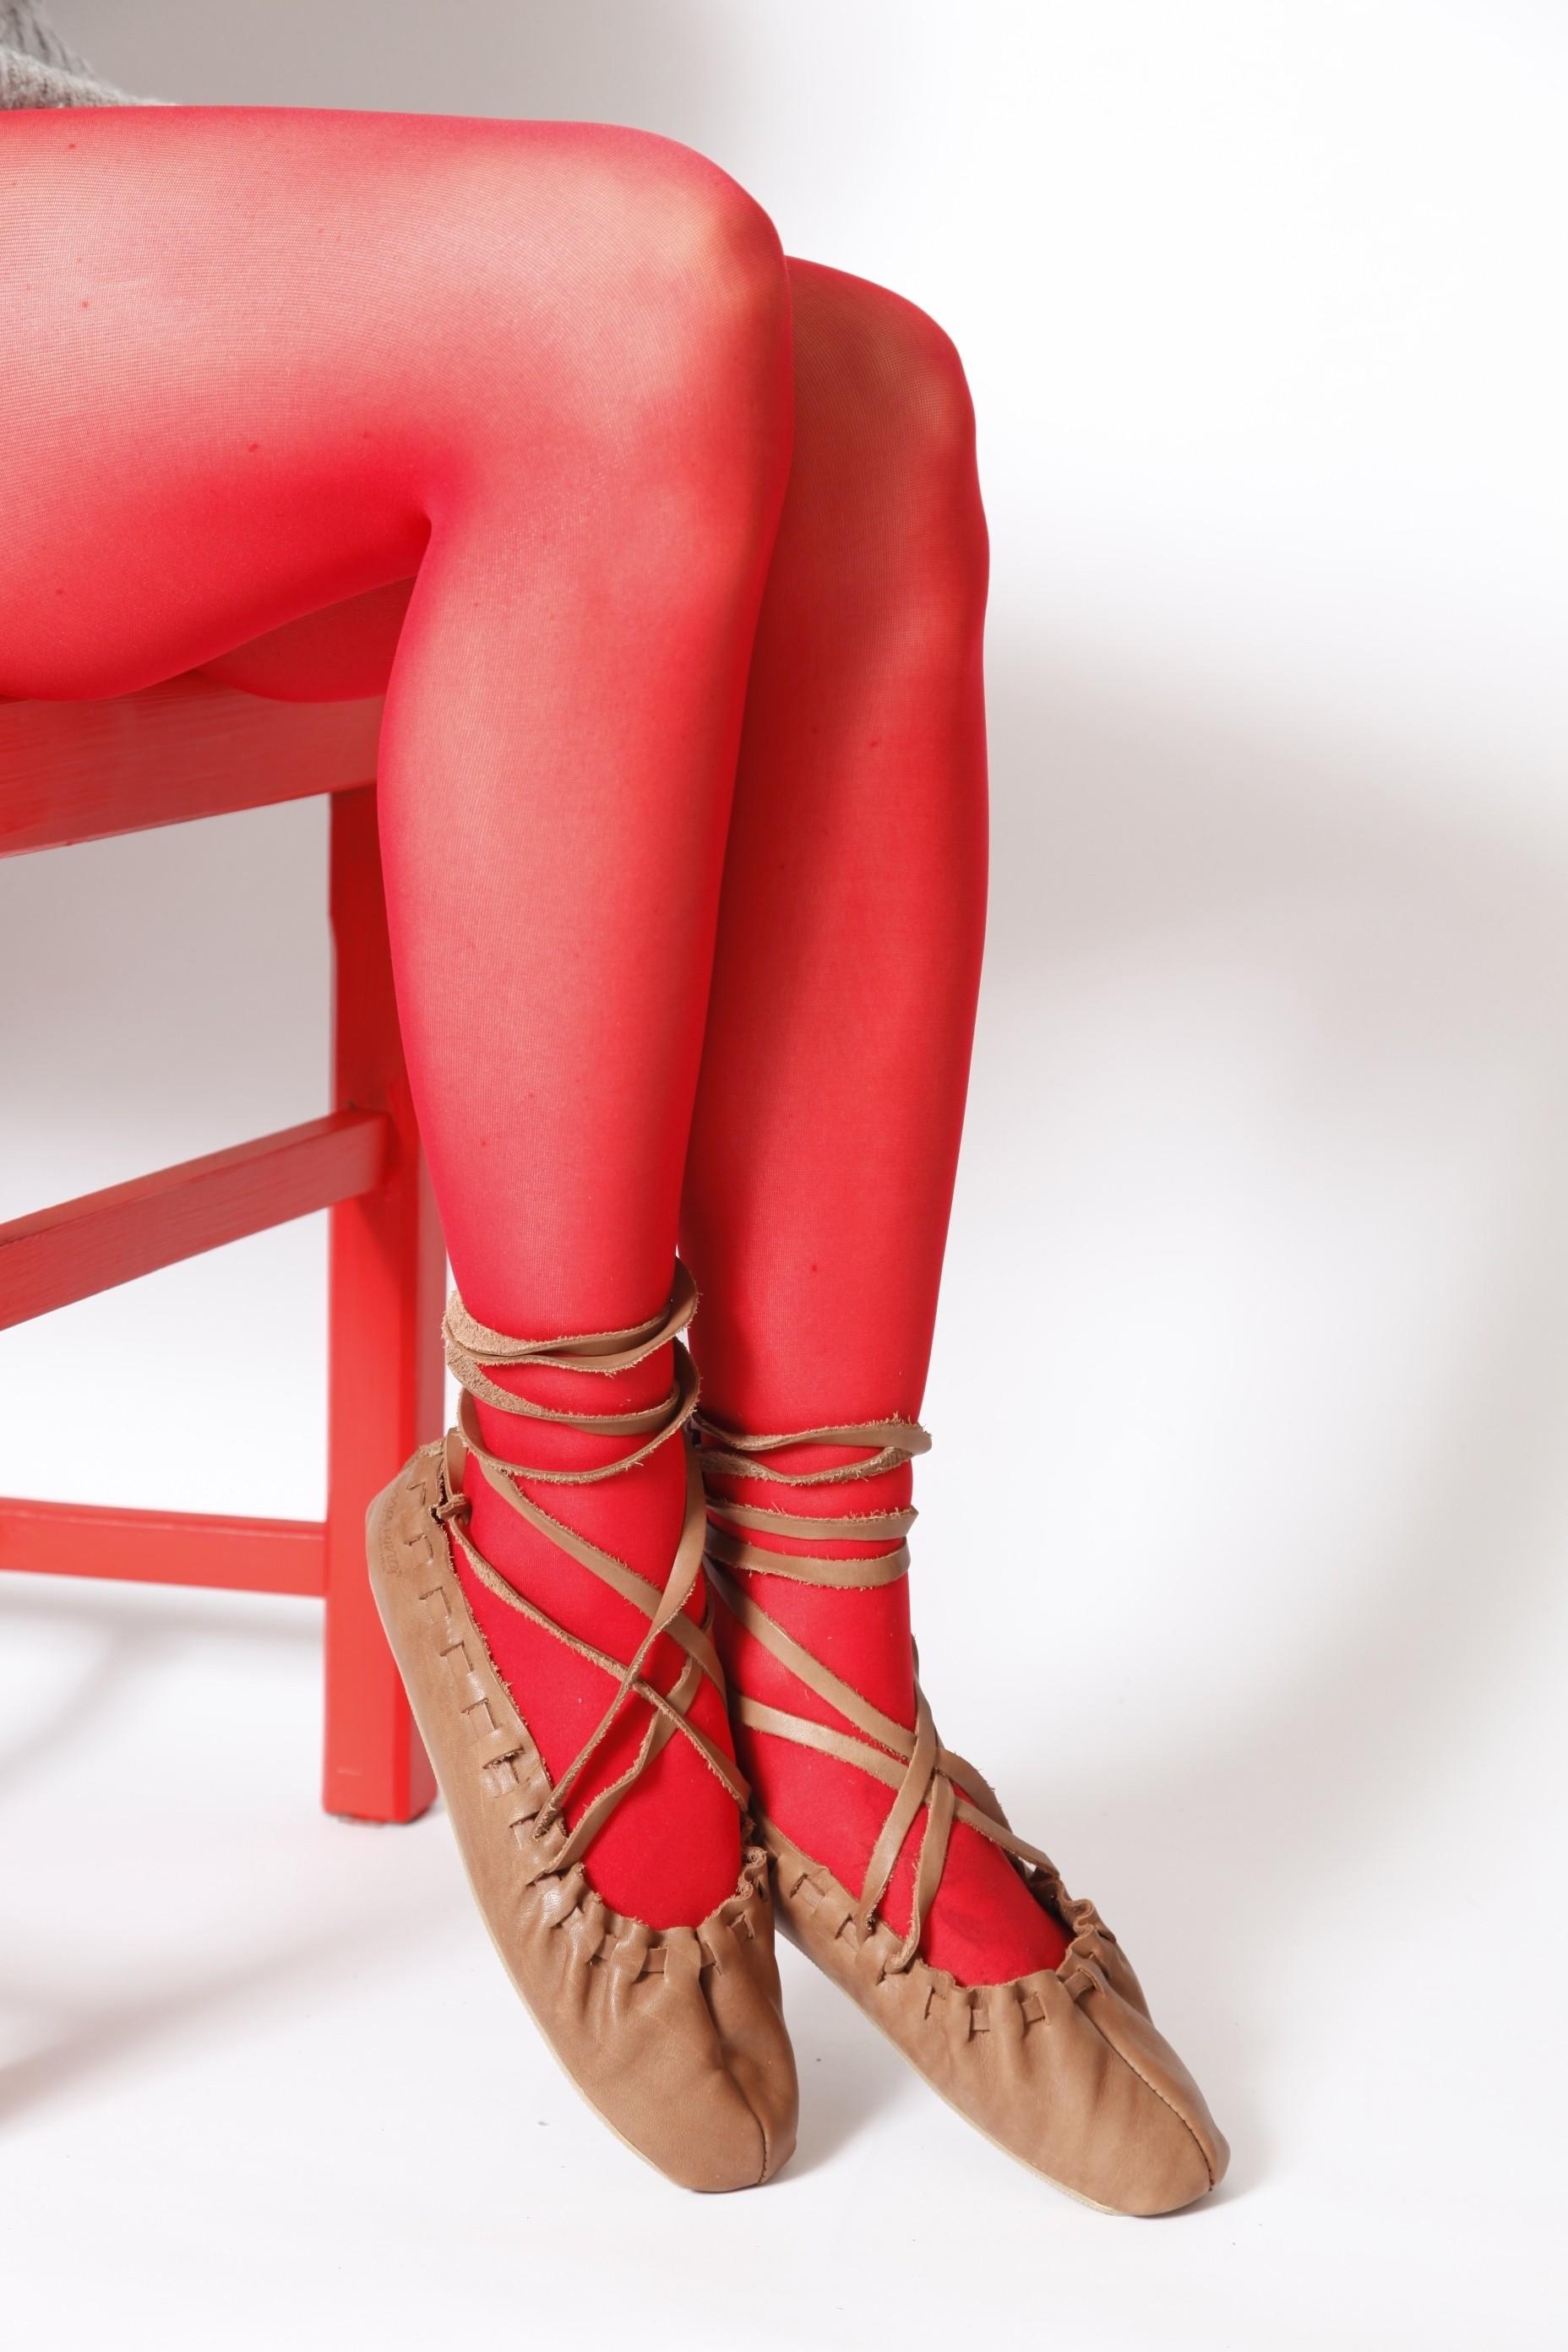 Женские колготки для народного костюма ECOCARE 3D 40DEN recycled, цвет: красный